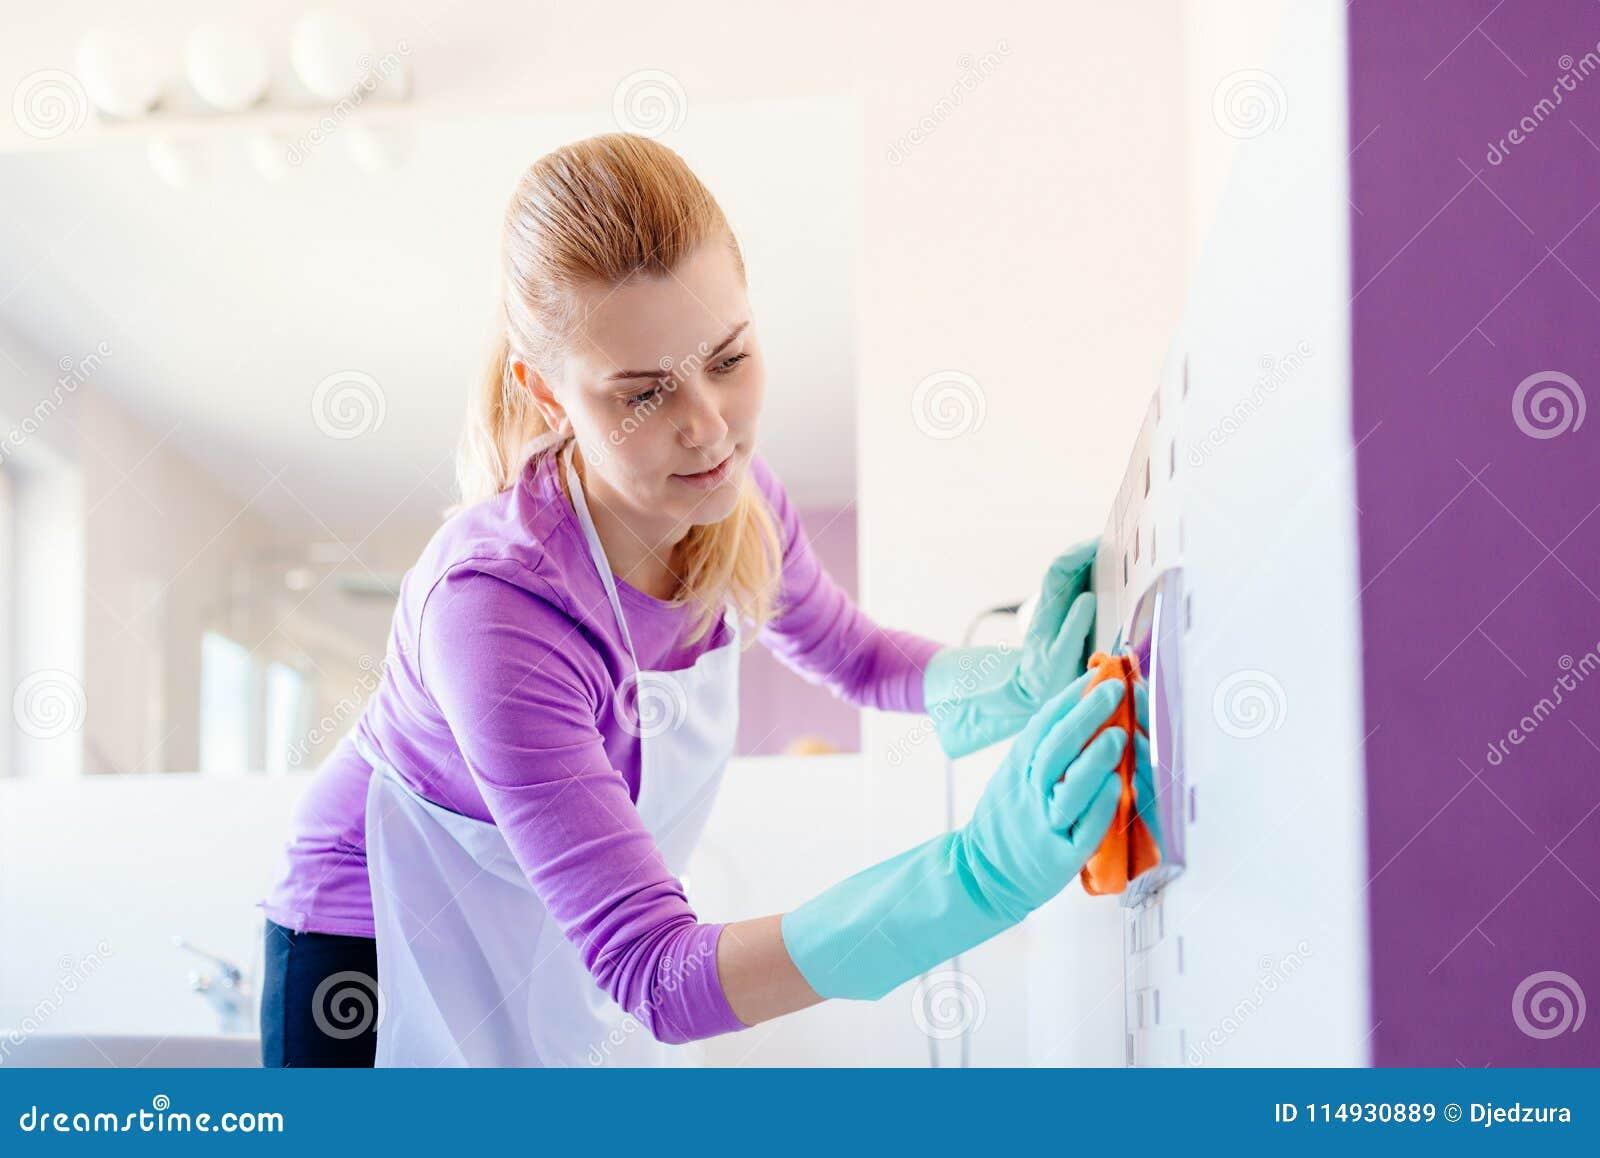 白色围裙清洁洗手间按钮的妇女